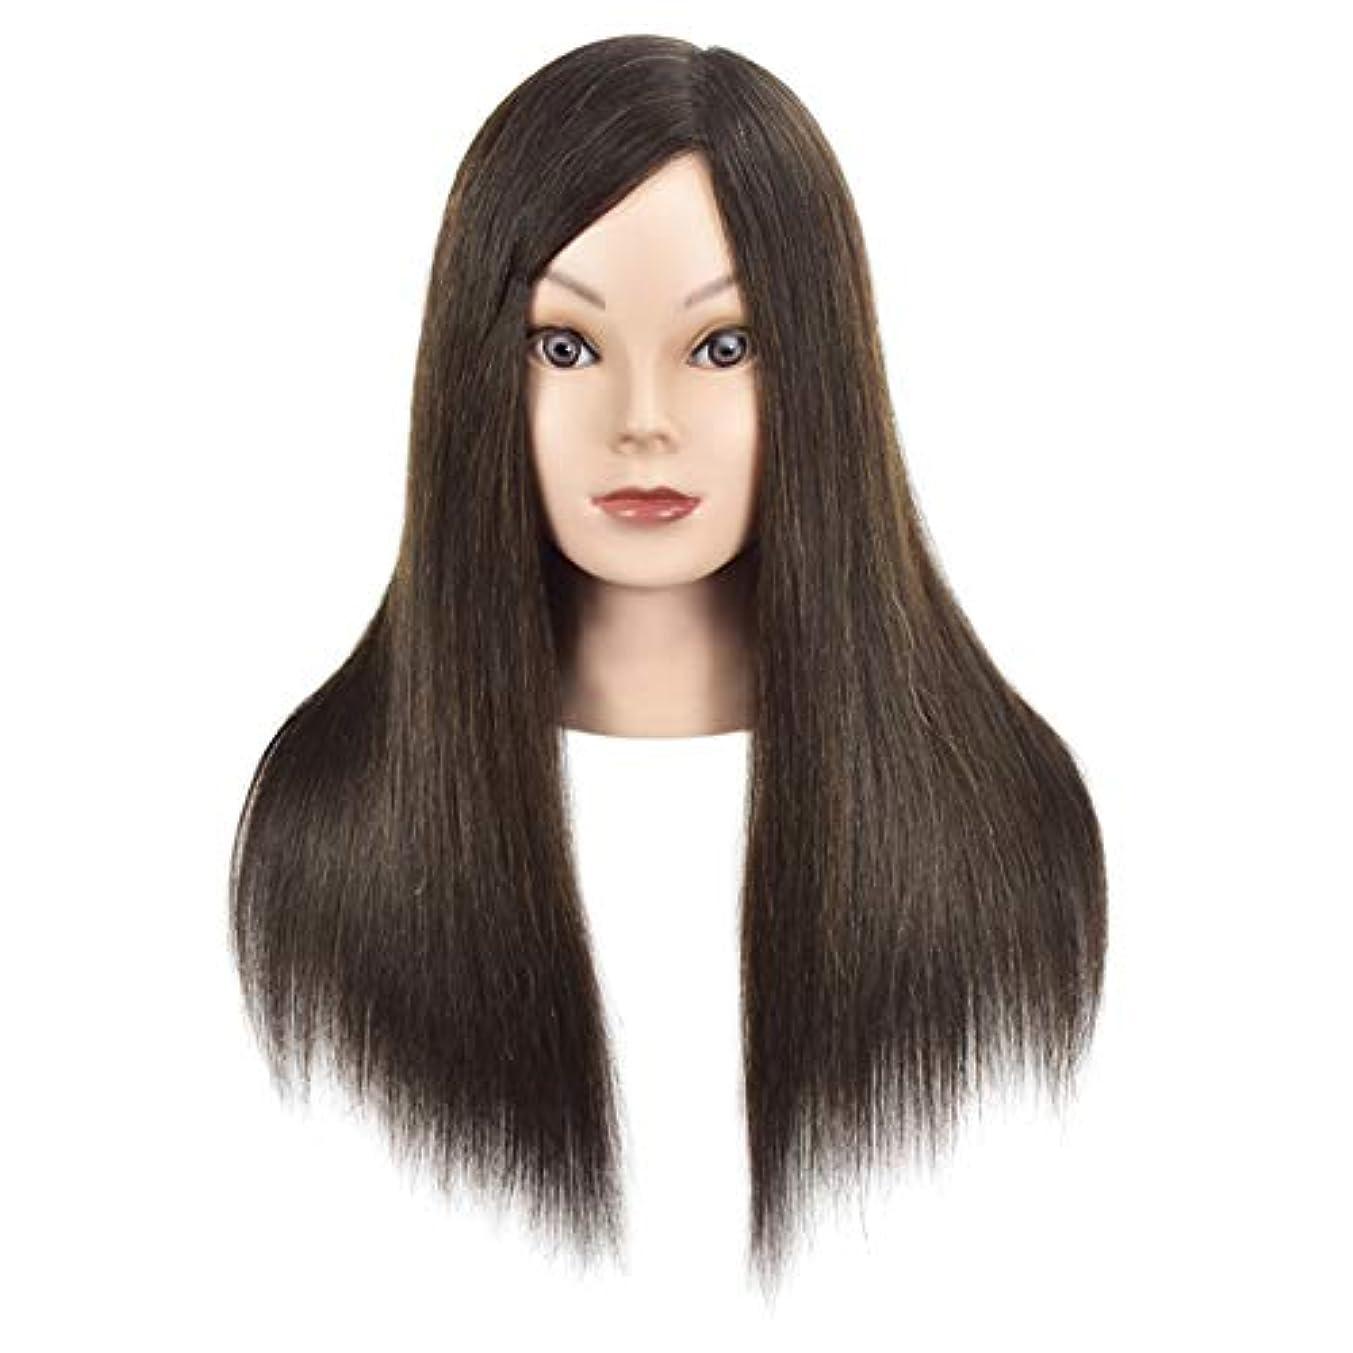 なにむちゃくちゃ遺伝的理髪店トリミングヘアエクササイズヘッドモールドメイクモデリング学習マネキンダミーヘッドブラック